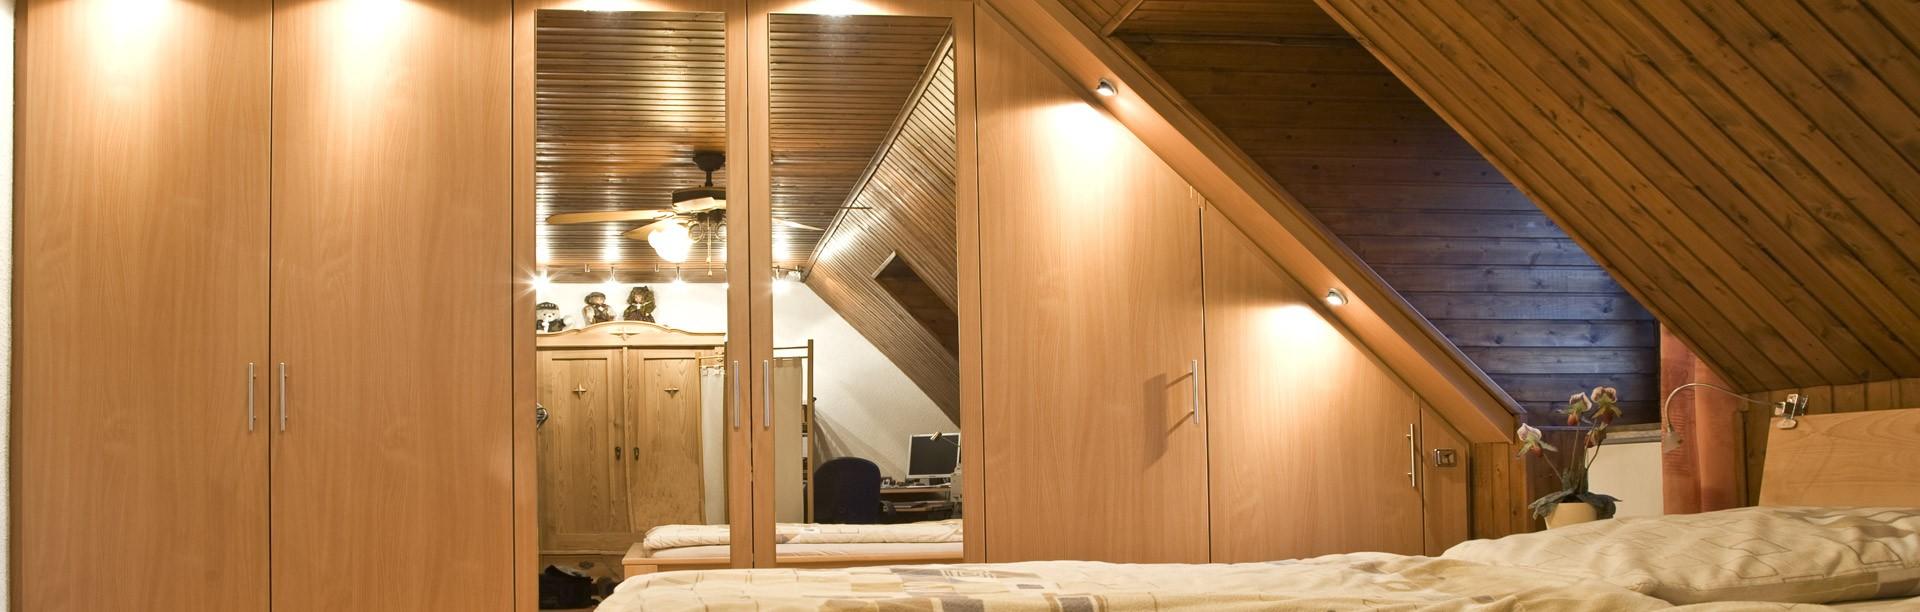 Schlafzimmerschrank nach Maß für Dachschrägen planen | schrankwerk.de